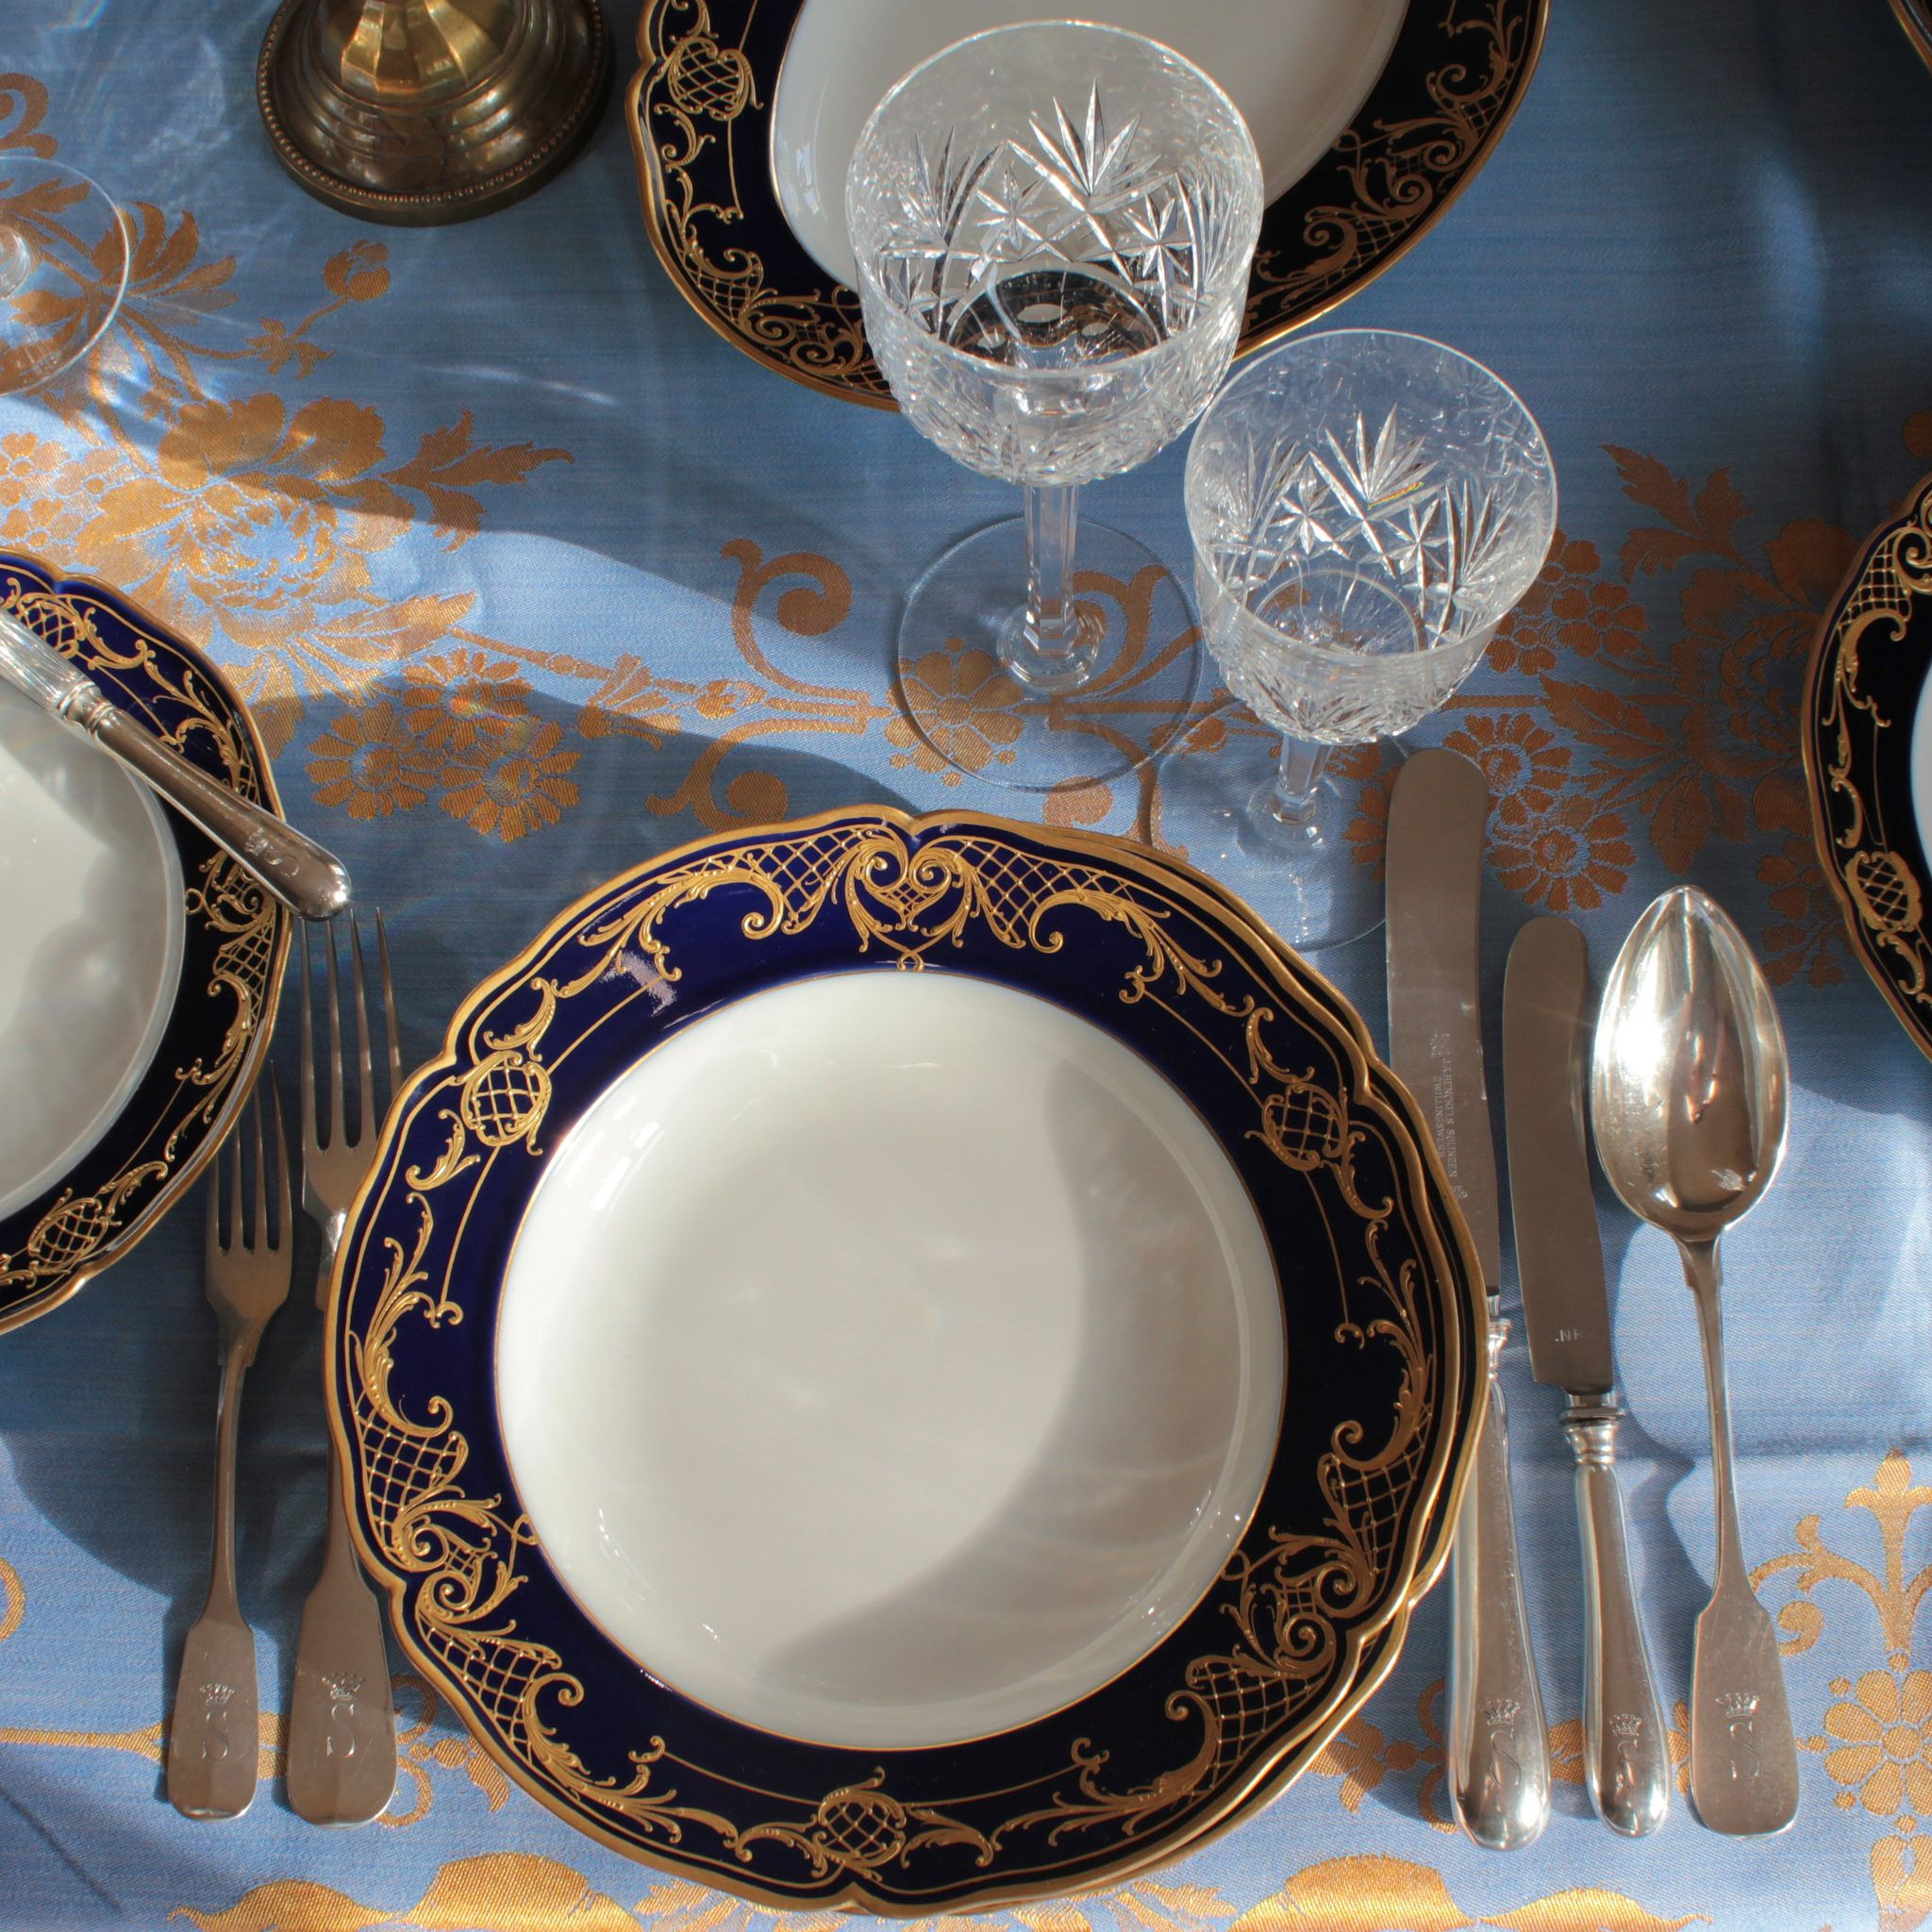 Kpm Berlin Speiseservice Speiseteller Suppenteller Teller Reliefgold Kobalt Blau Plate Dinnerplate Dinner Service Cobalt Blue Raised Gold Rococo Dinner Service Rococo Plates